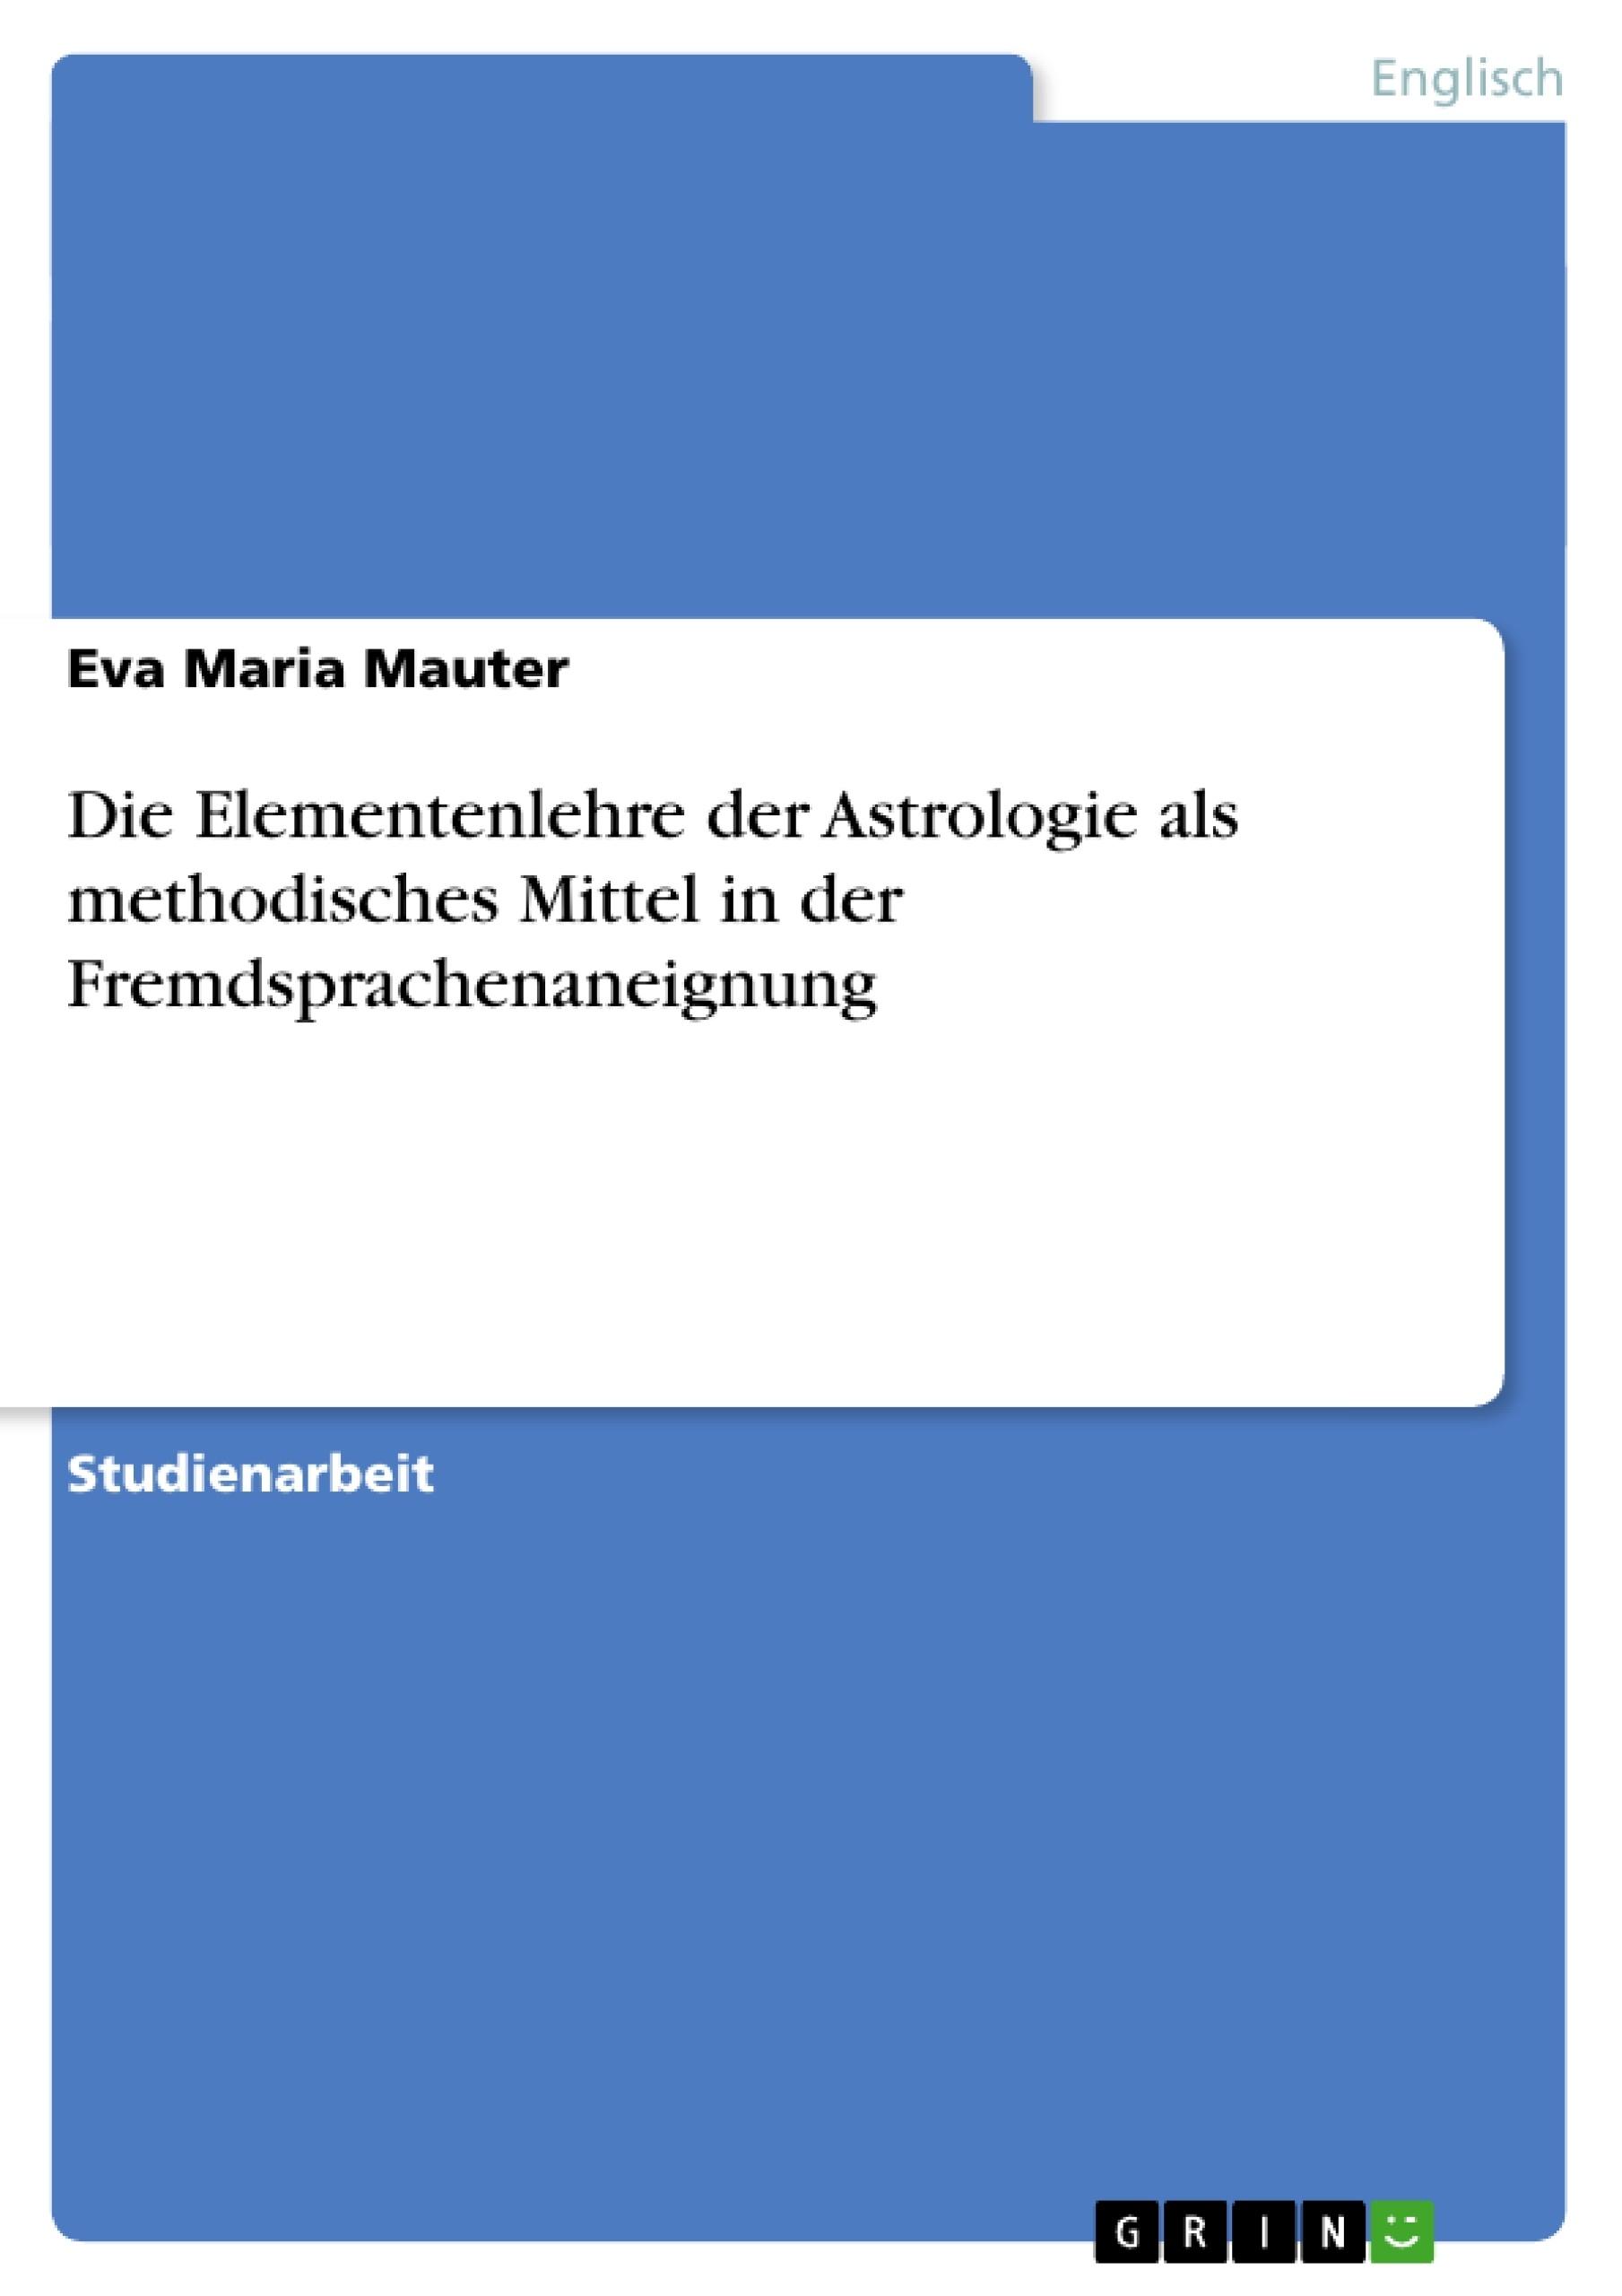 Titel: Die Elementenlehre der Astrologie als methodisches Mittel in der Fremdsprachenaneignung